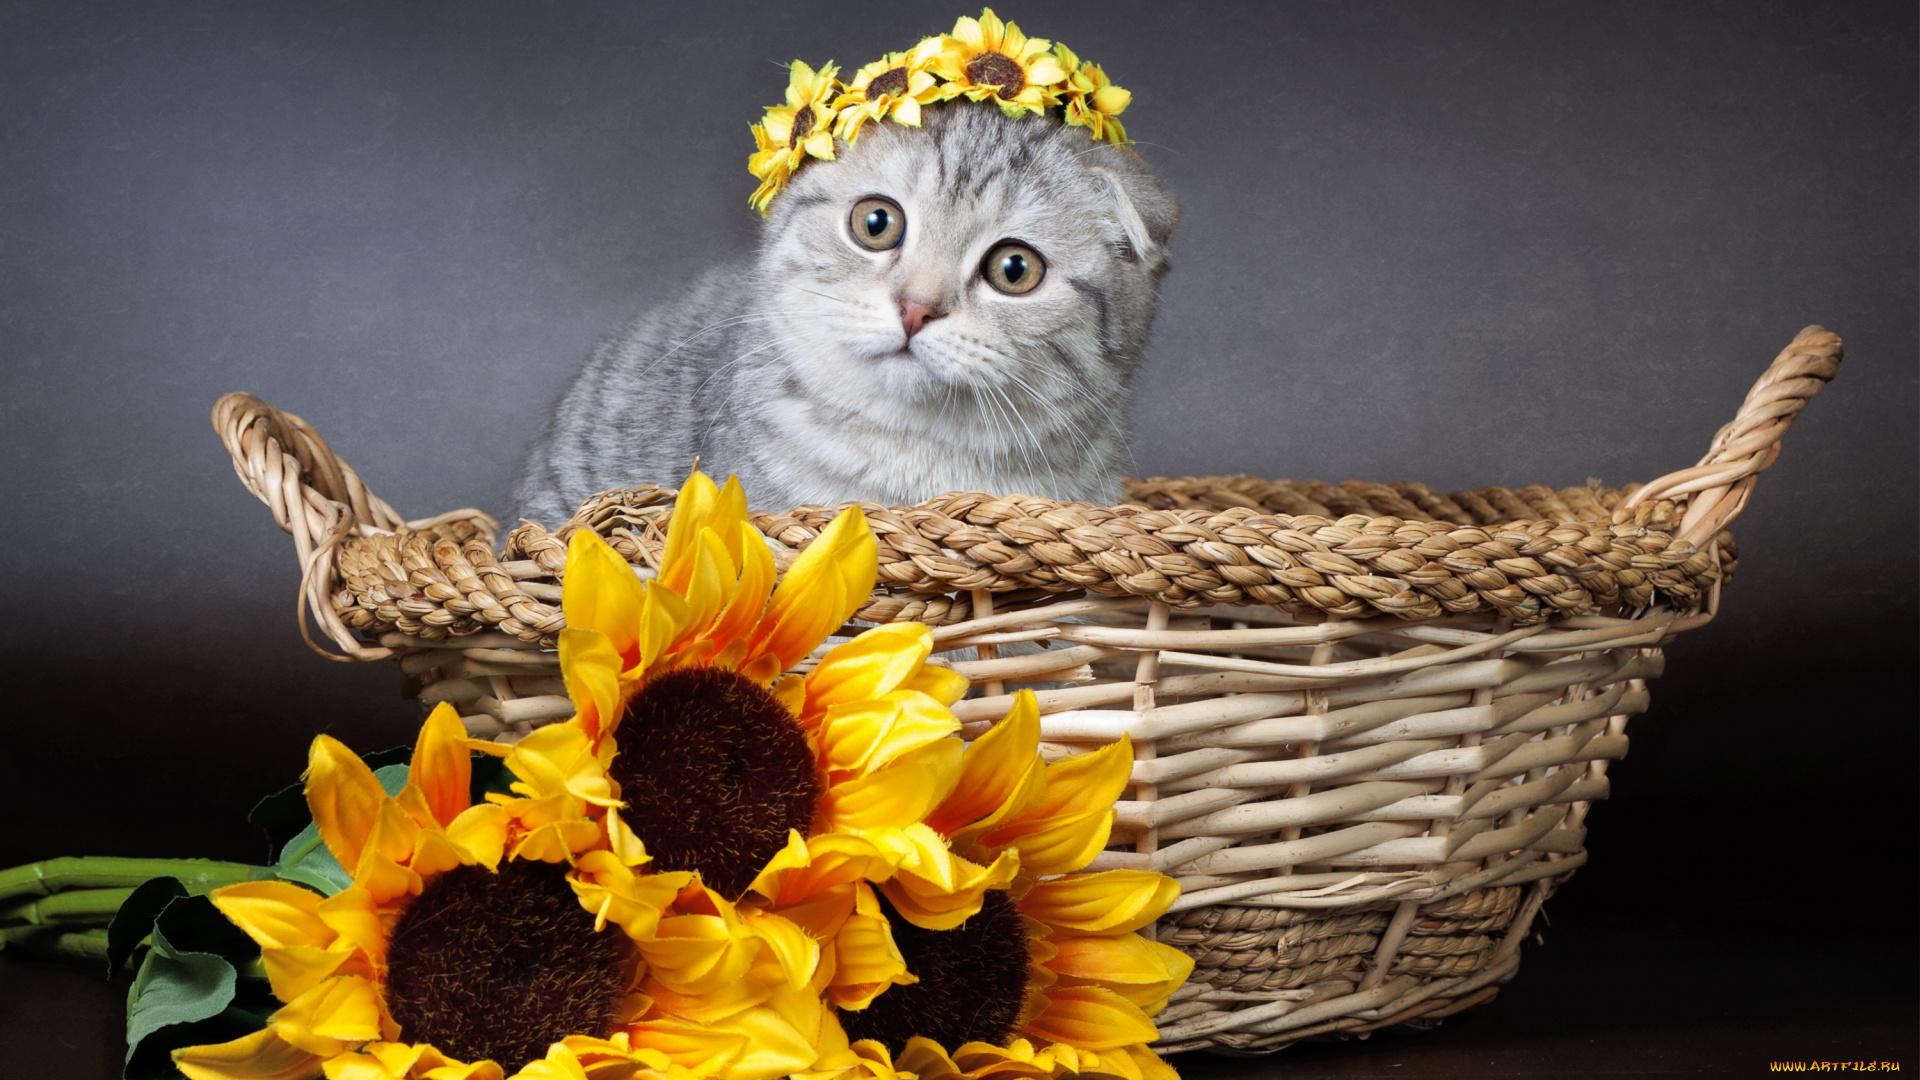 картинка кот и подсолнух наказывали надеванием серой